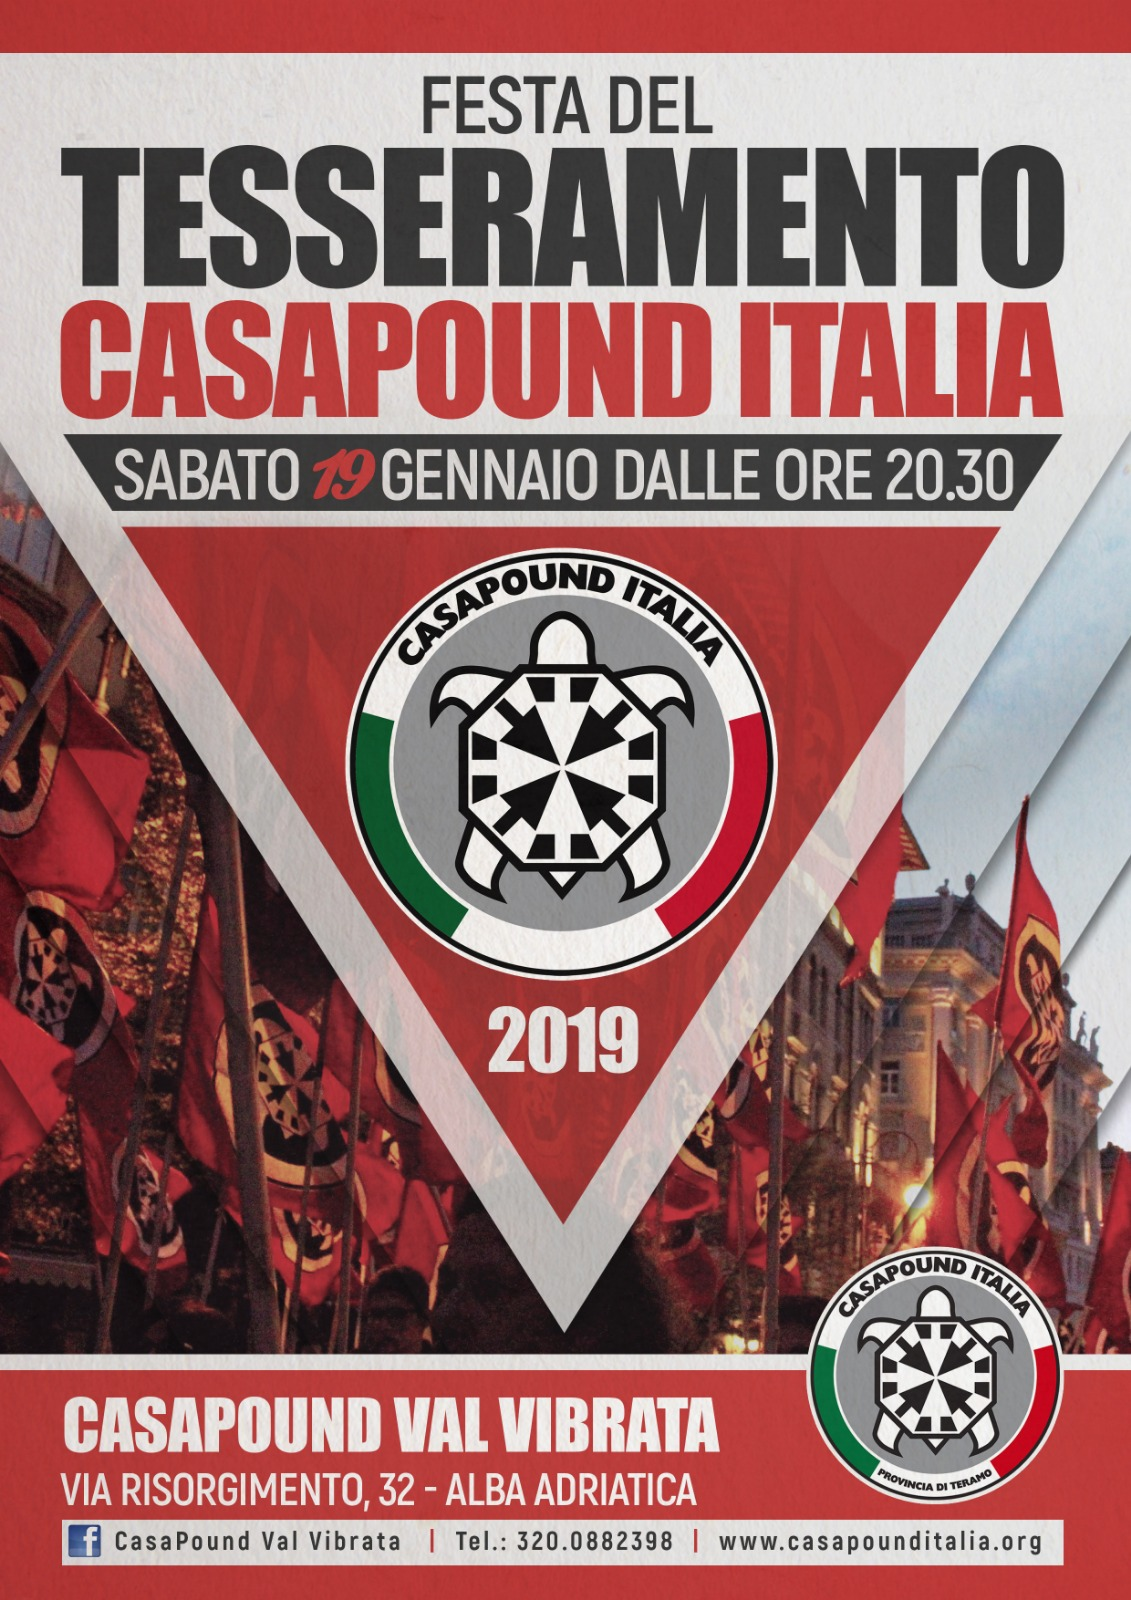 Alba Adriatica, festa del tesseramento: riparte la campagna adesioni a CasaPound